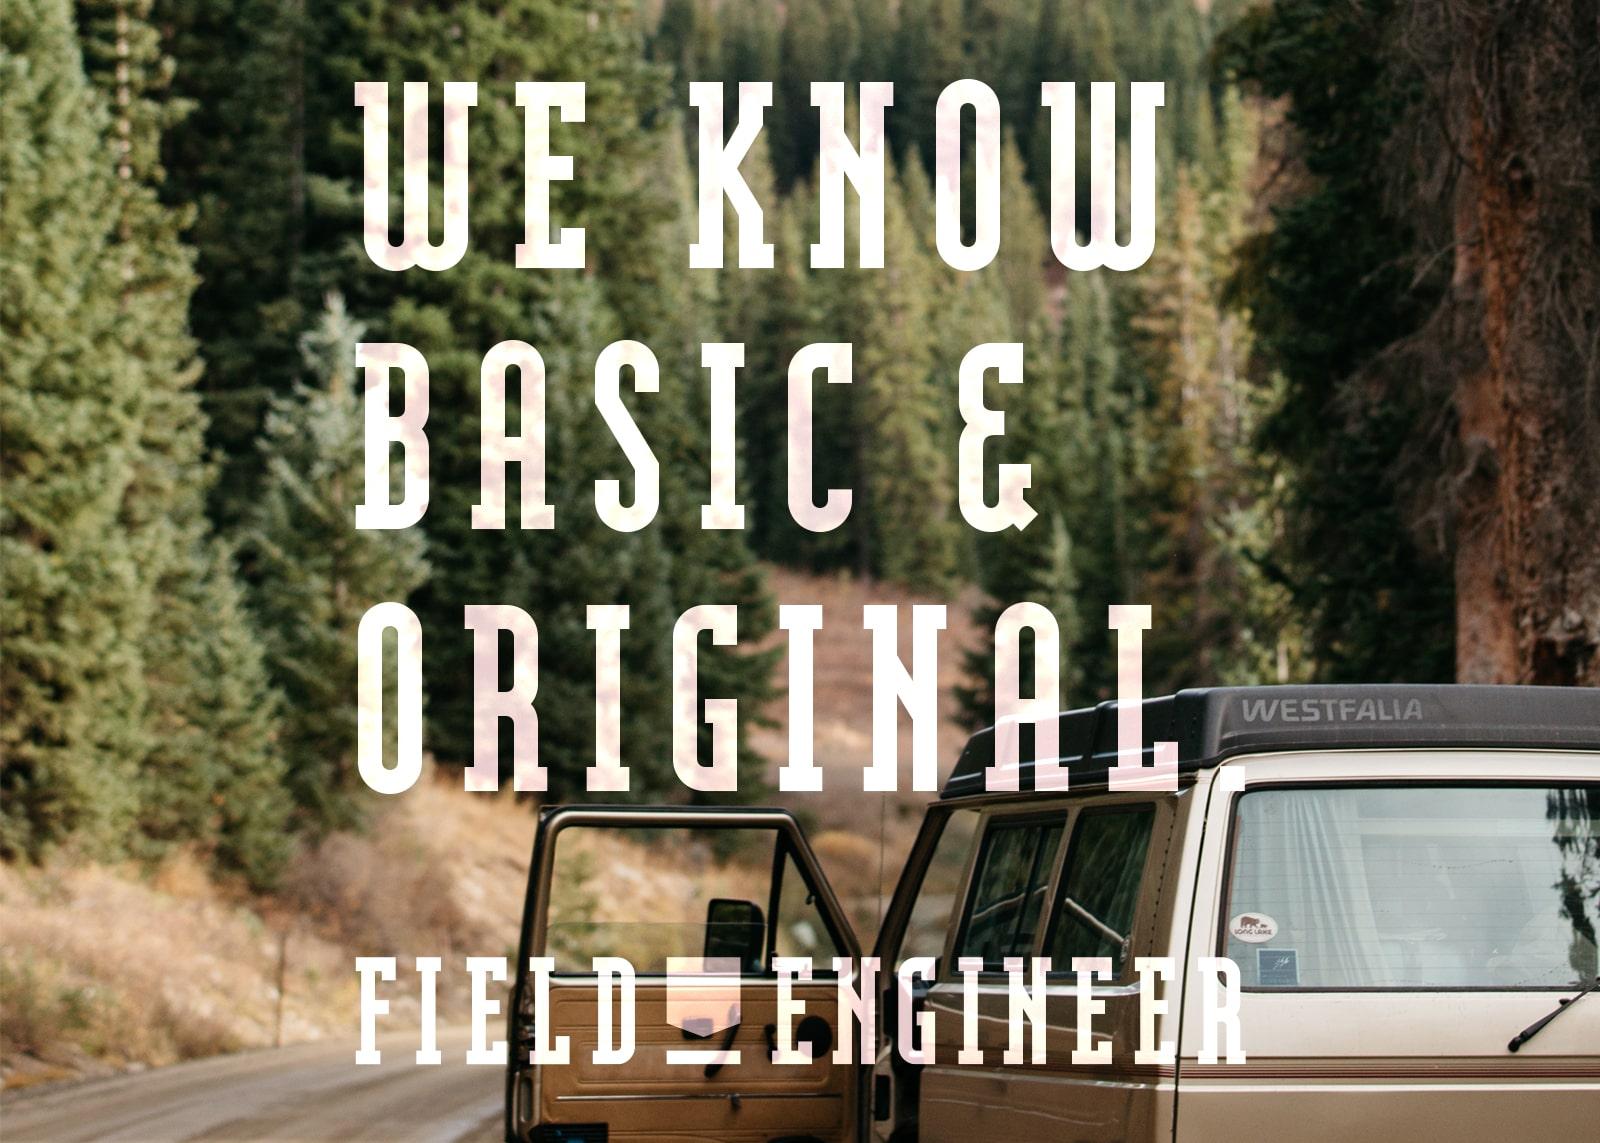 私達フィールドエンジニアは、基本にのっとったもの=「ベーシック」の良さや大切さ、どこにもないもの=「オリジナル」を生み出す面白さを知っている。